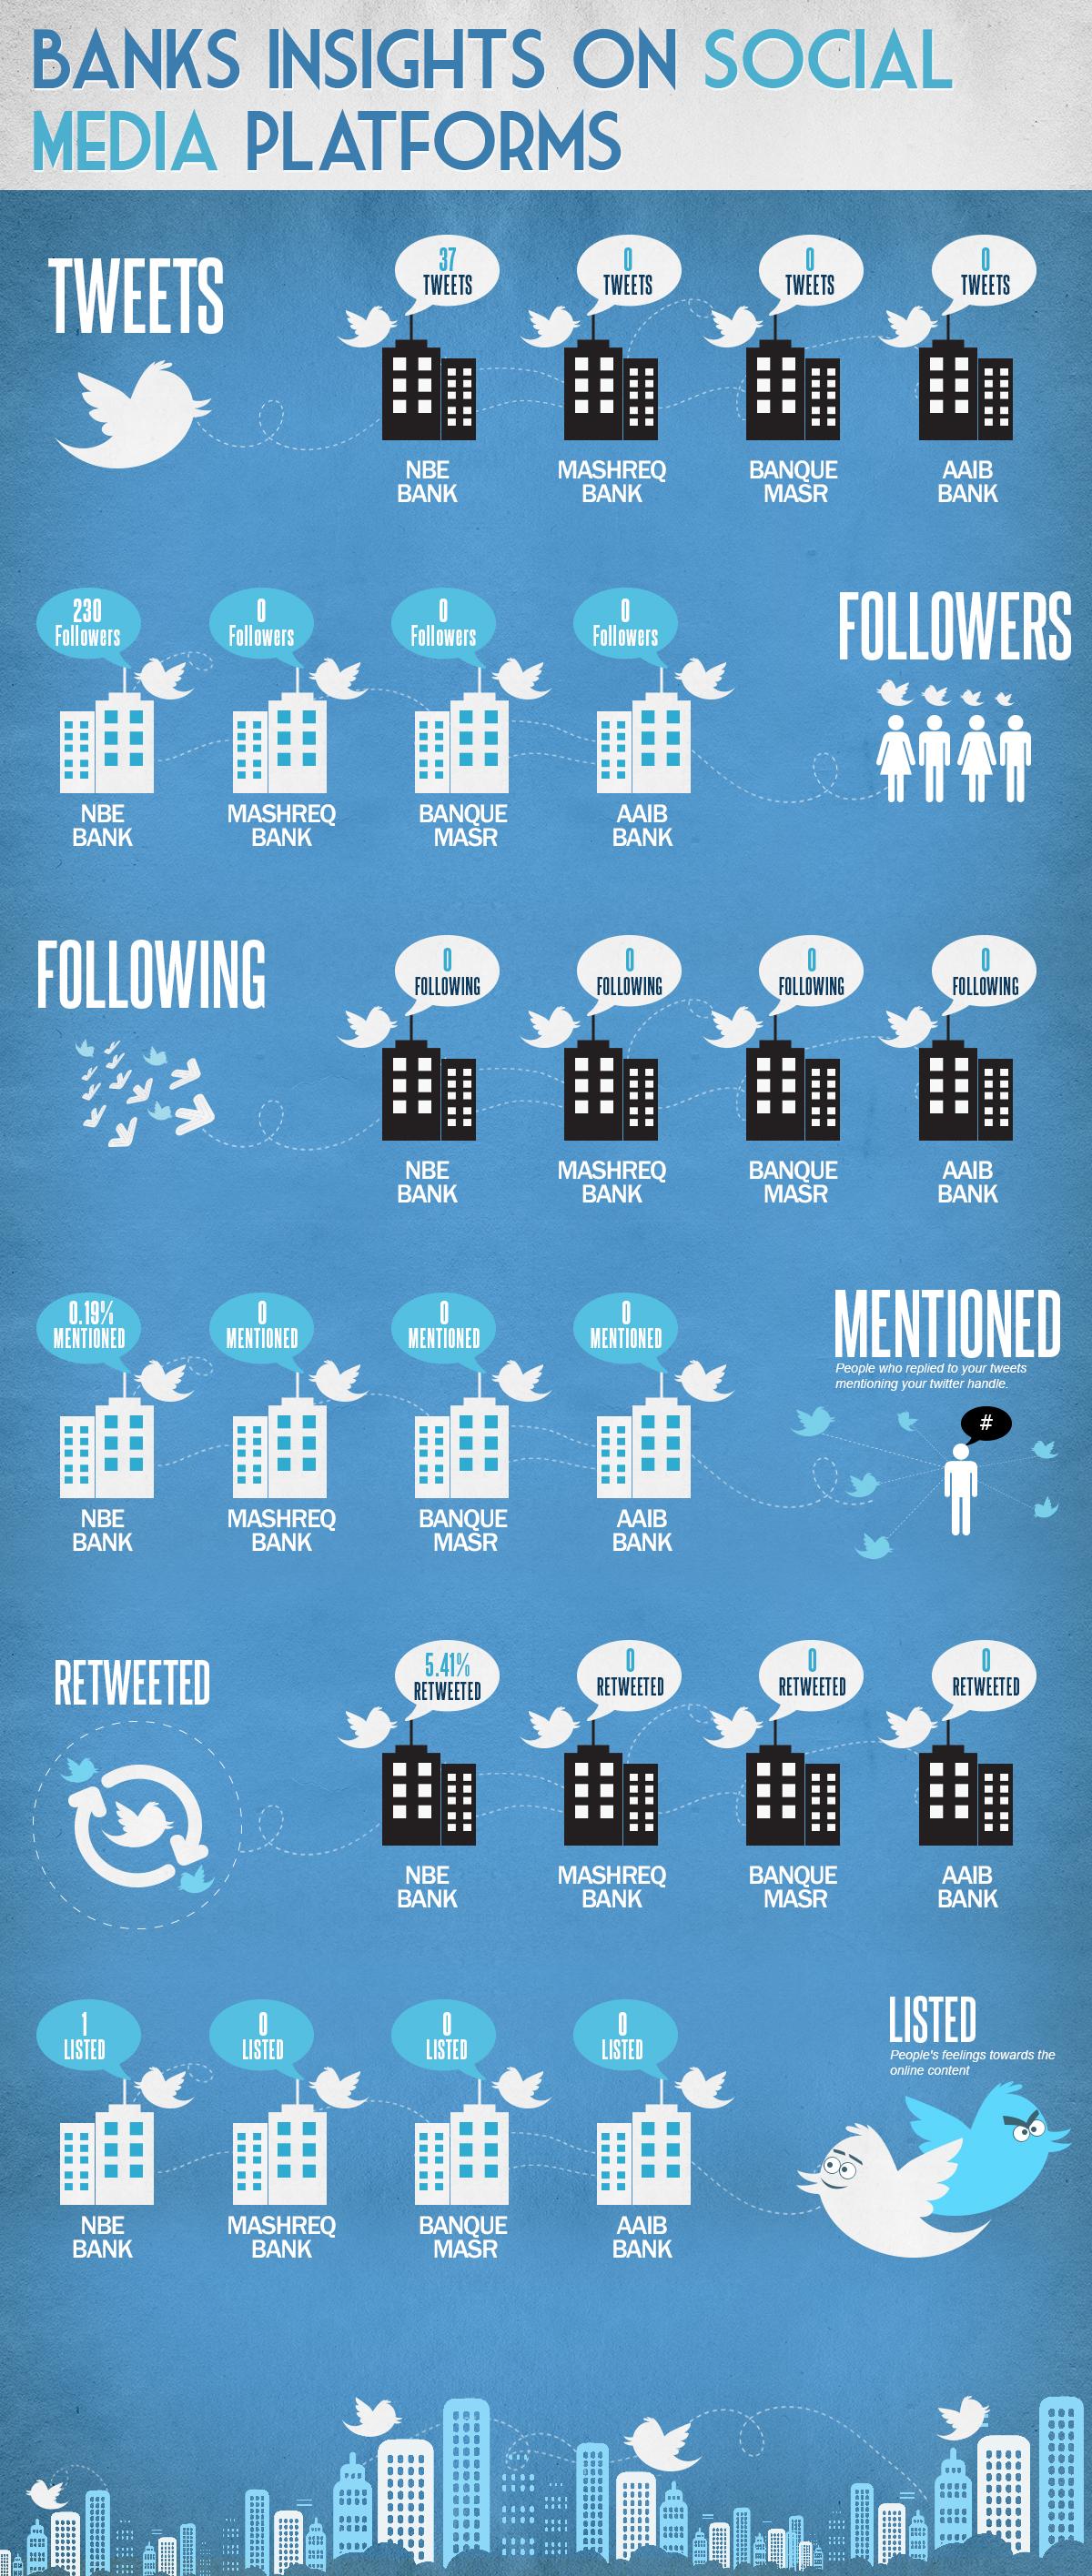 Banks Insights On Social Media Platforms